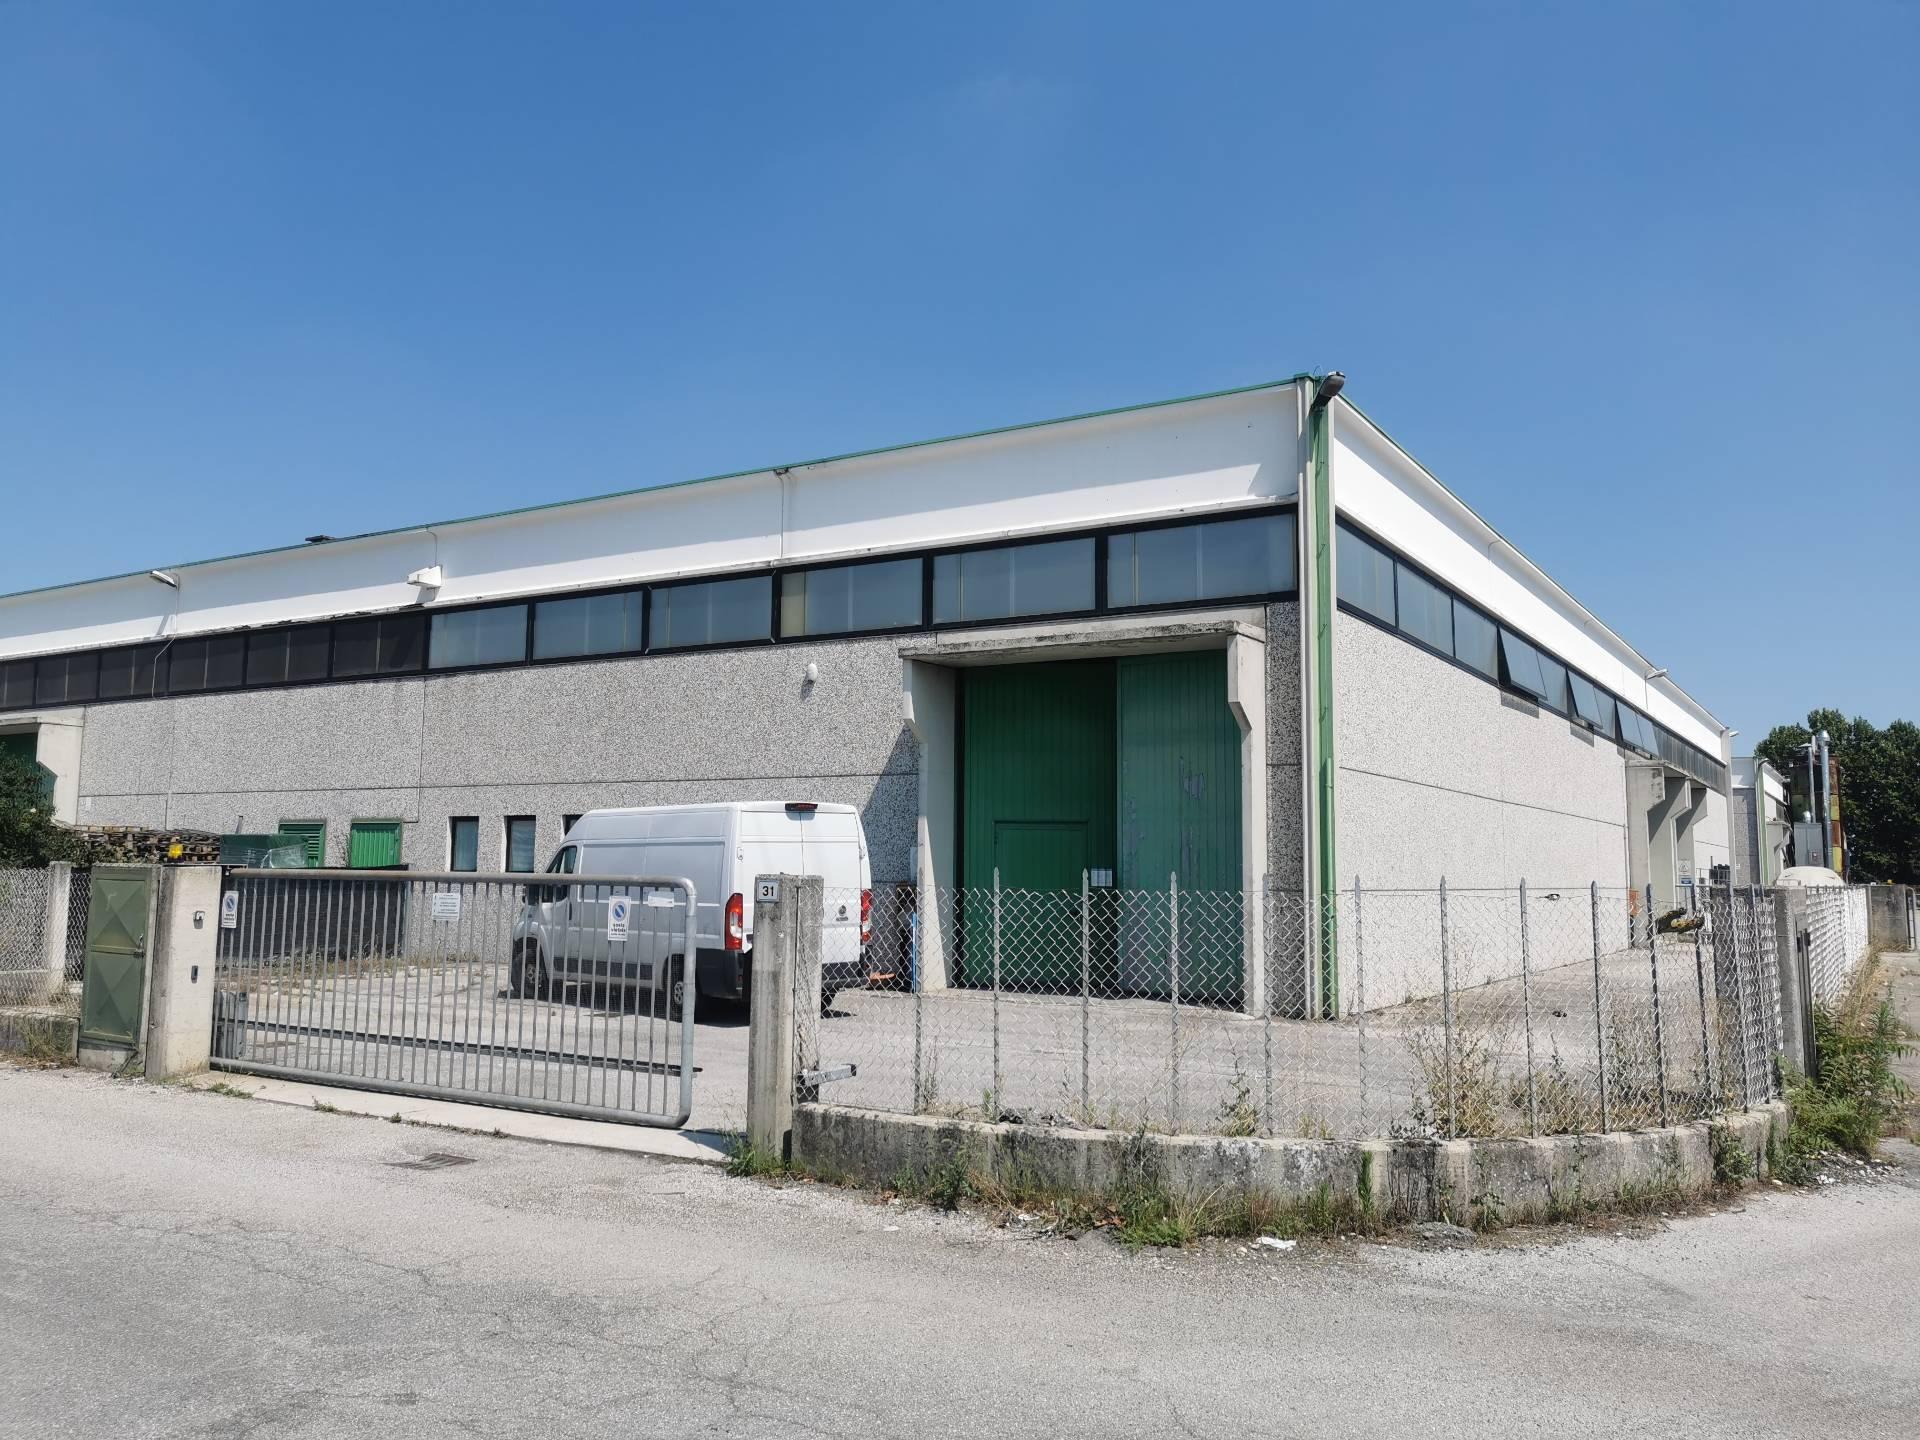 Capannone in vendita a Casale sul Sile, 9999 locali, prezzo € 220.000 | CambioCasa.it